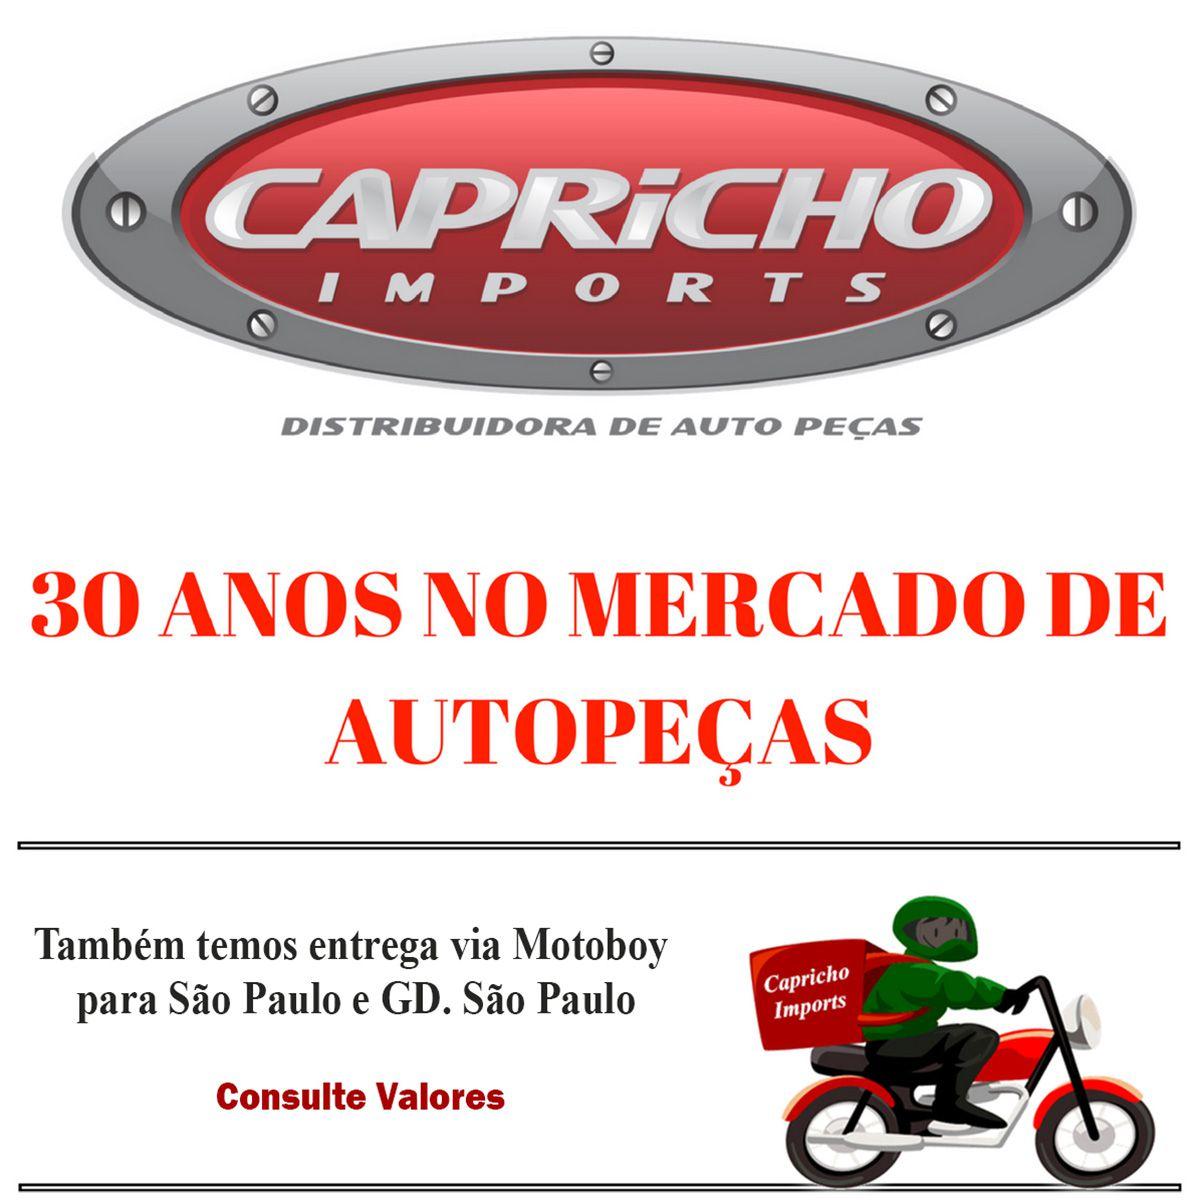 REPARO PINO GUIA DA PINÇA DE FREIO CORSA / MONTANA / MERIVA 2003 EM DIANTE / PINO 10mm